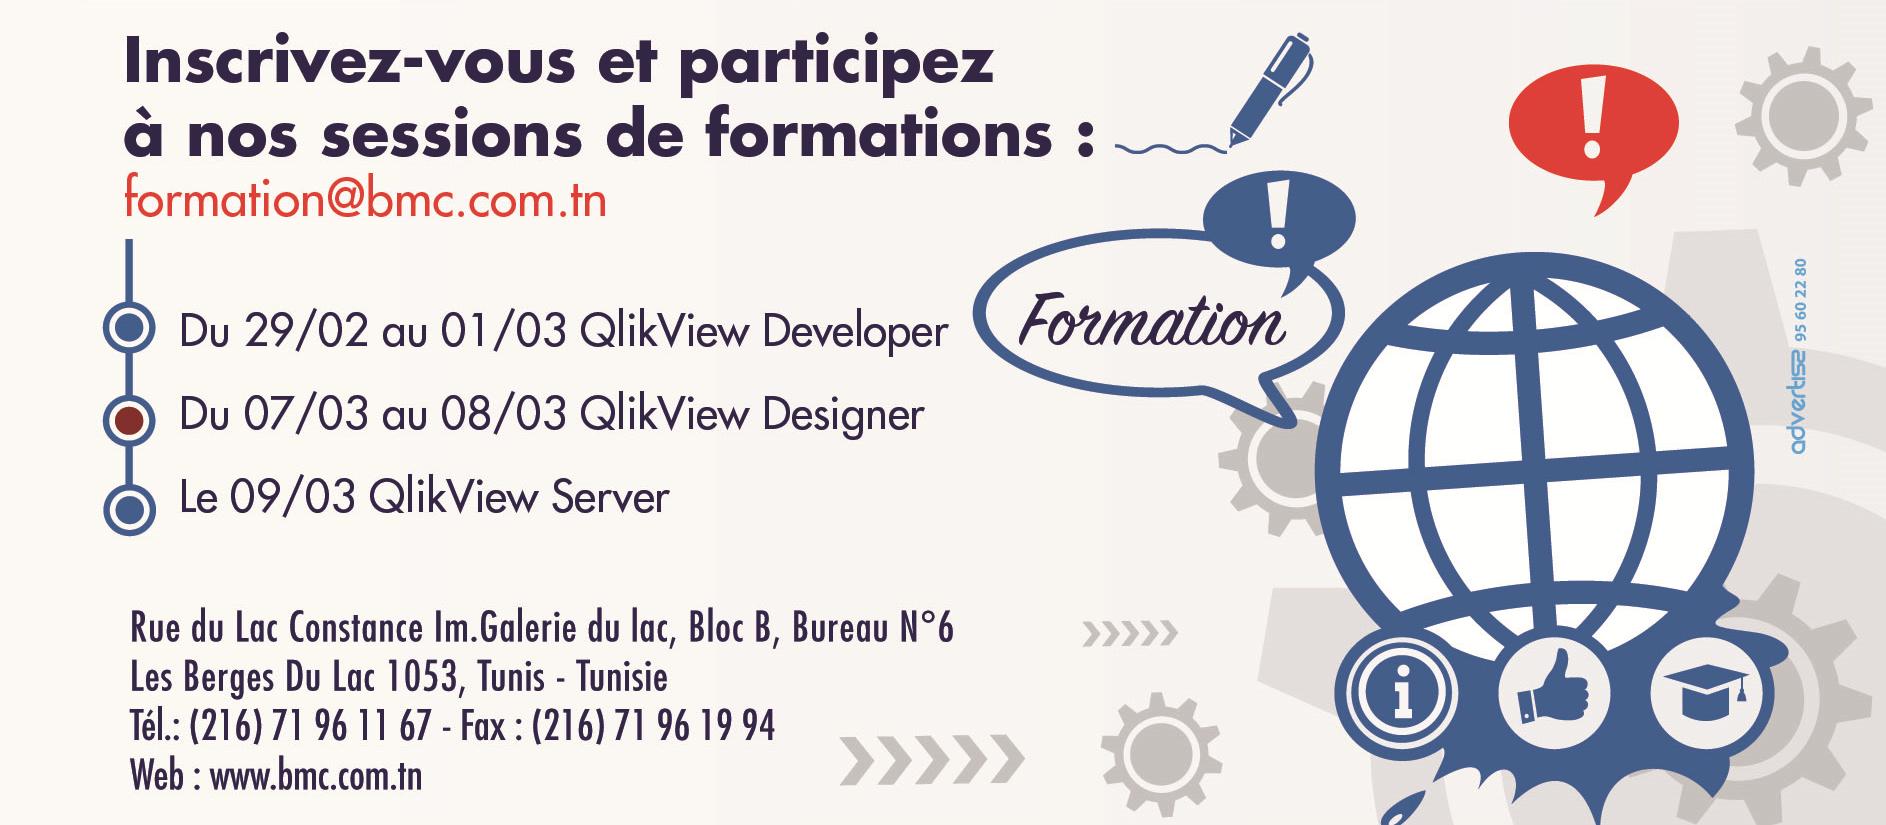 Nouvelles sessions de formations QlikView